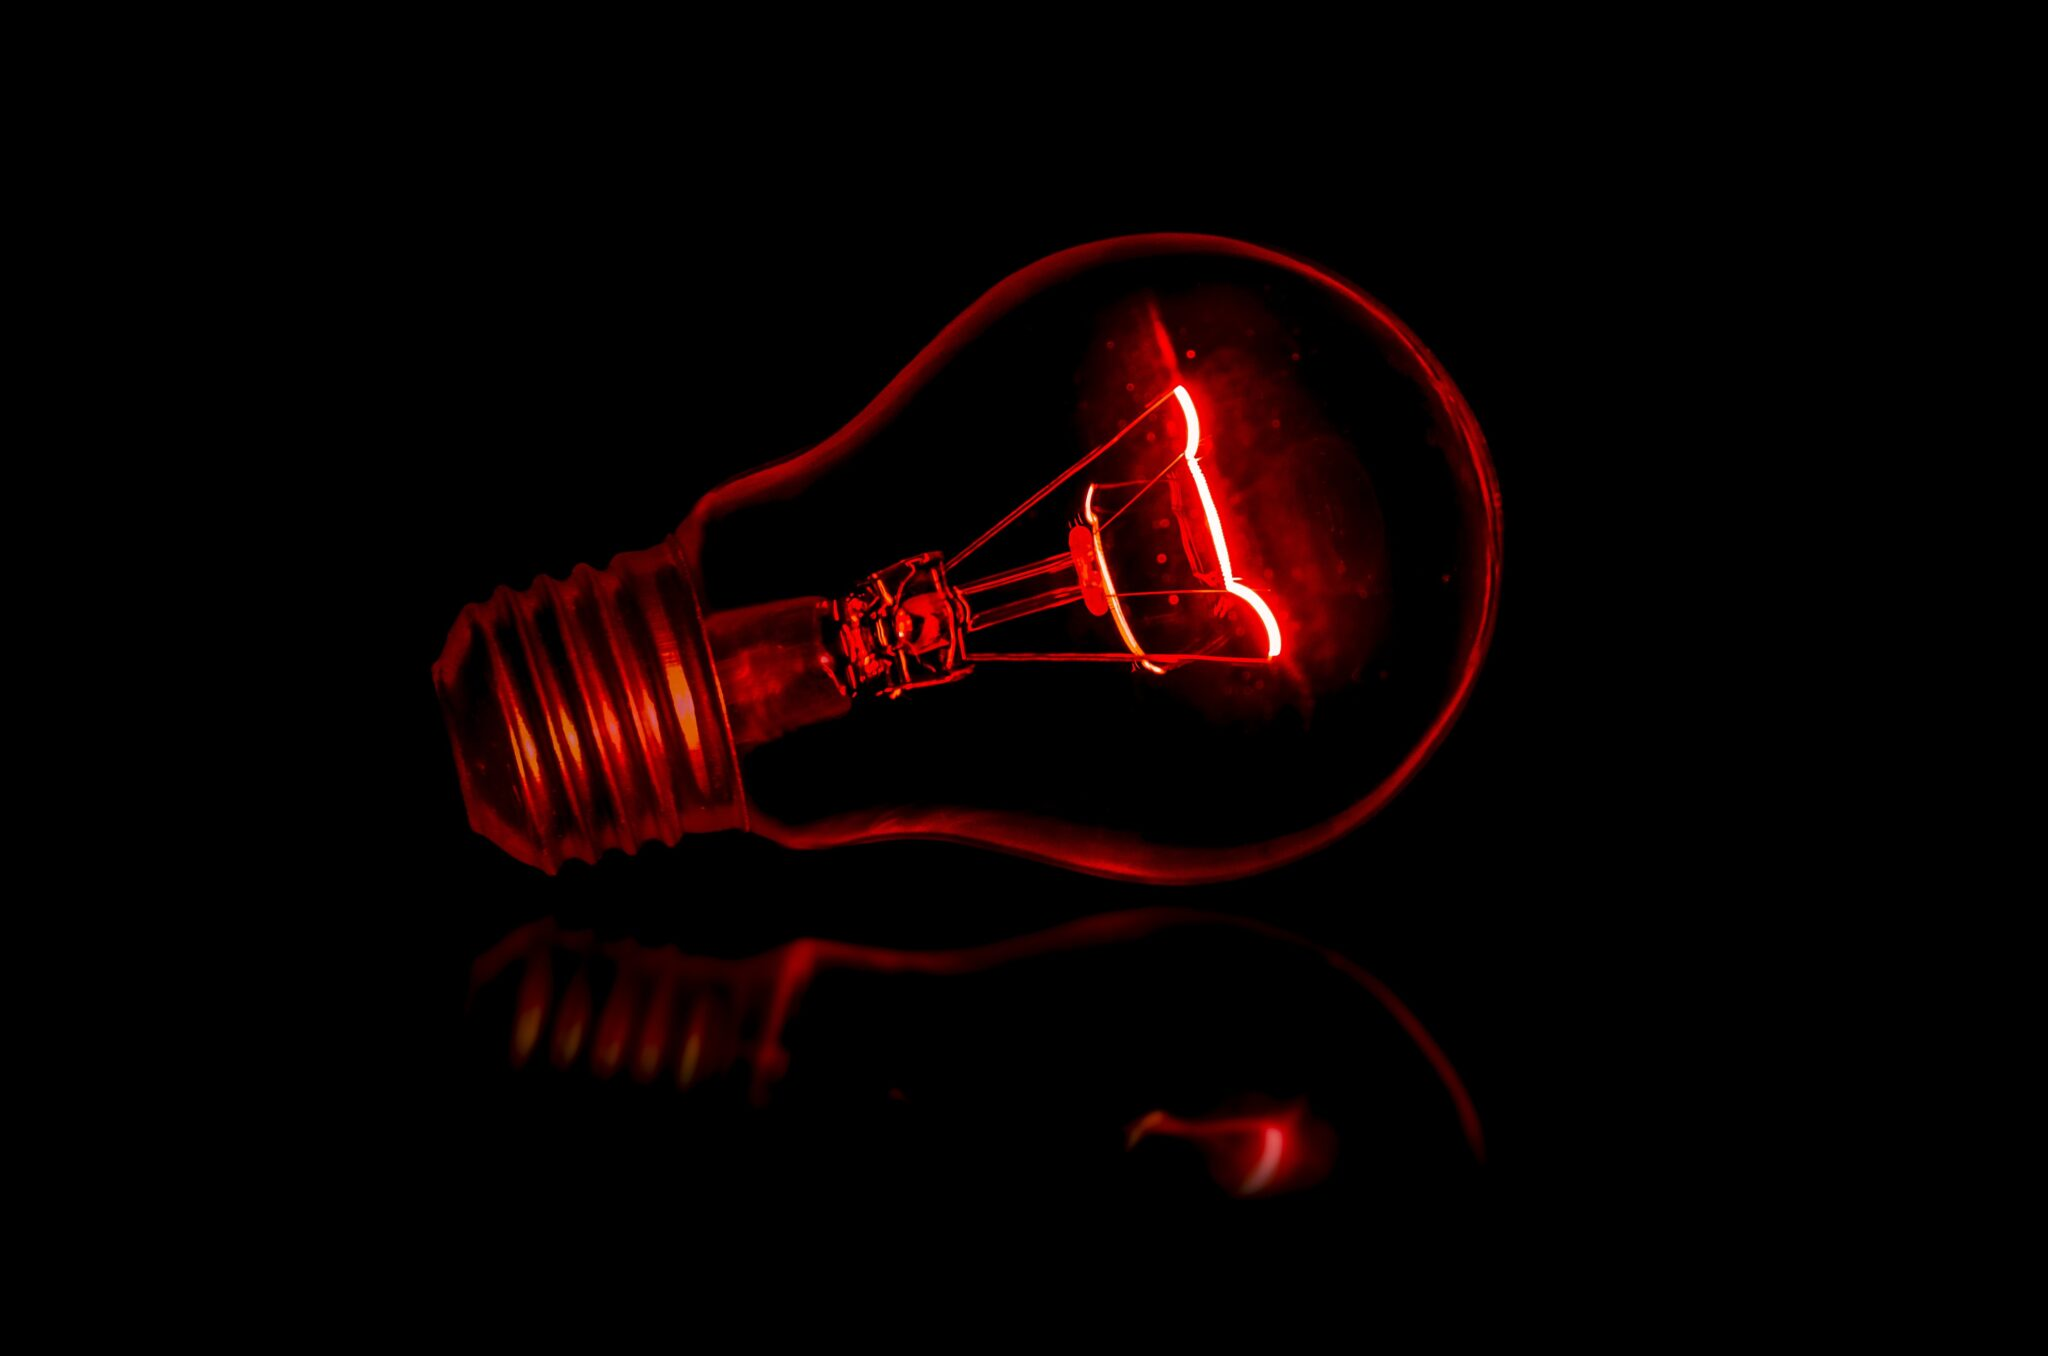 lampadina elettrica rossa su sfondo nero